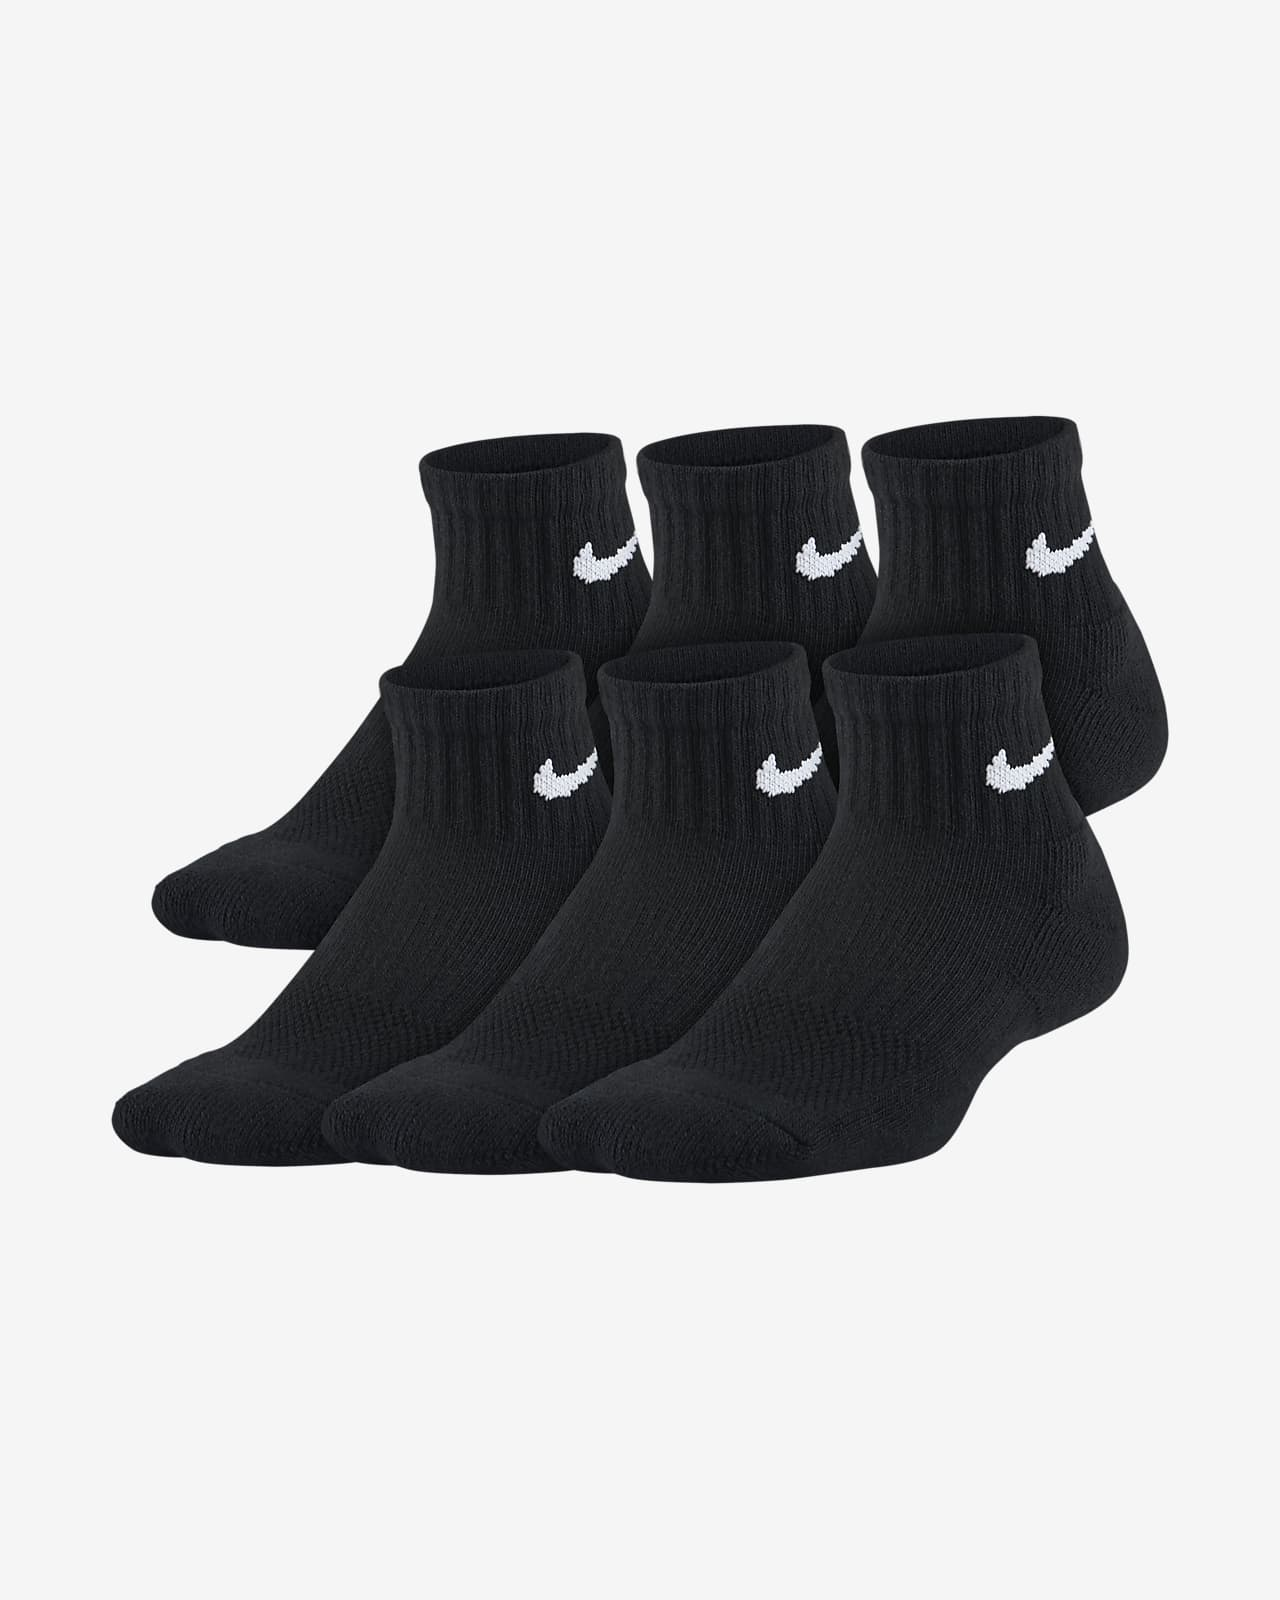 Calcetines al tobillo acolchados para niños Nike Everyday (6 pares)